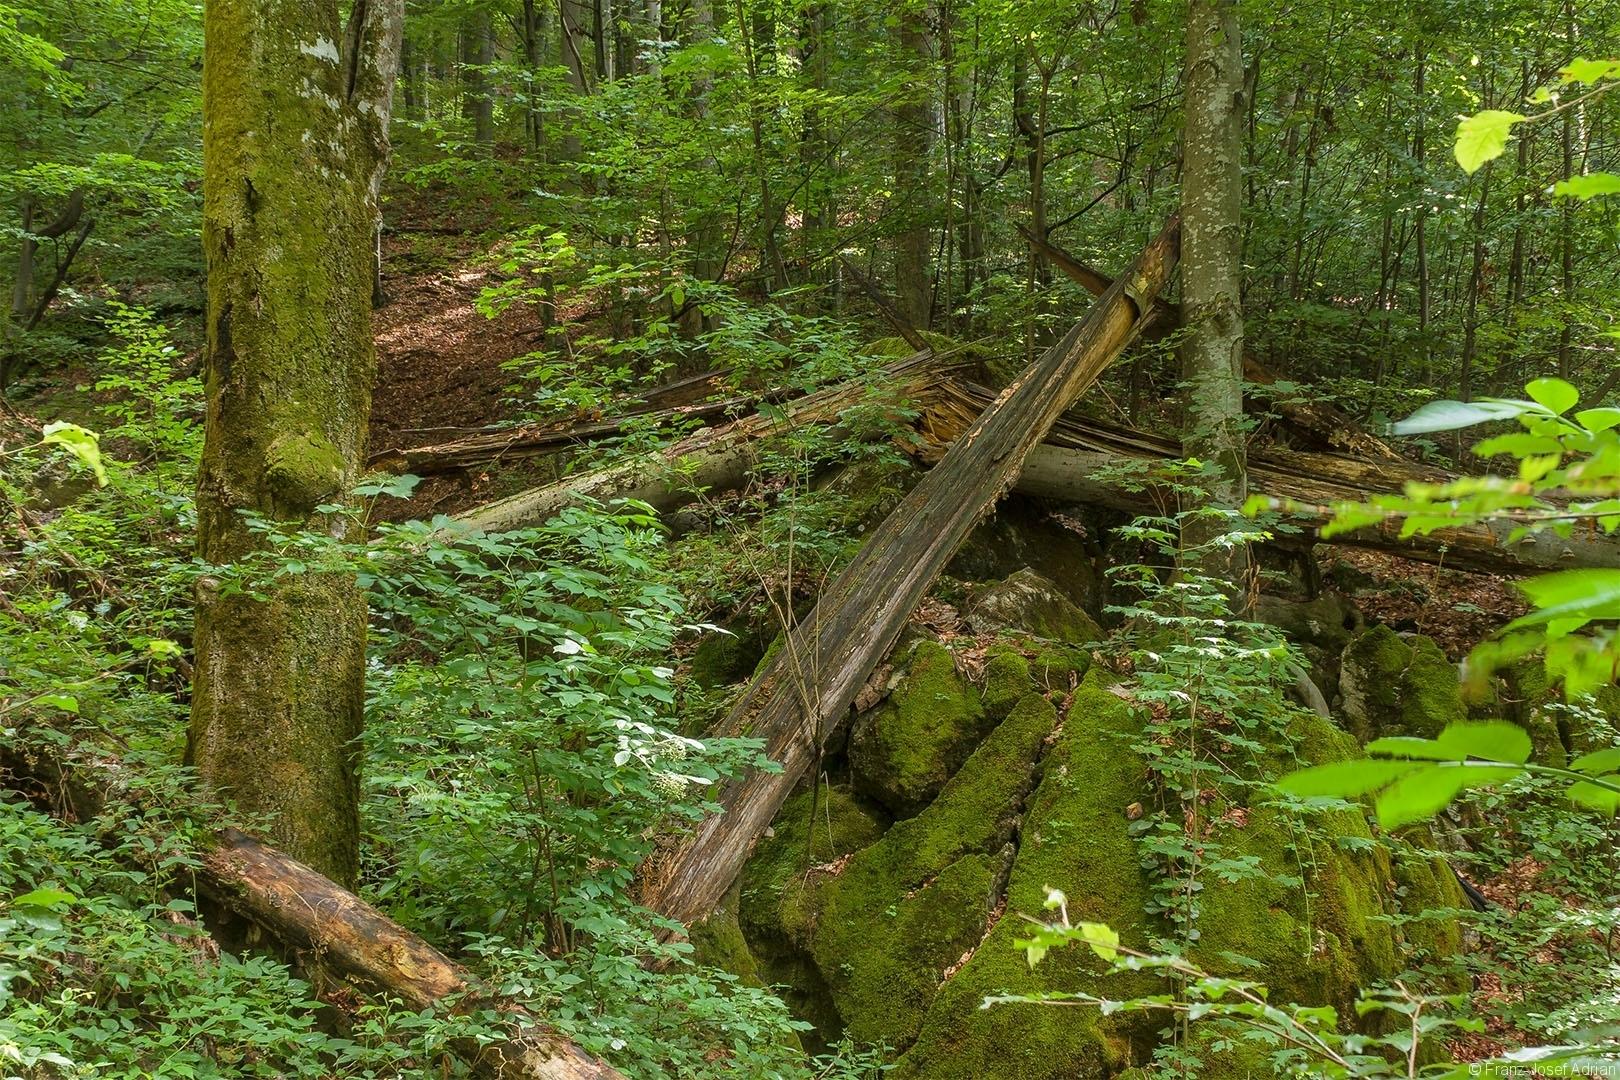 Ausschnitt aus dem Foto oben: dicke Totholzstämme auf bemoosten Großsteinen in einem kleinen Bach